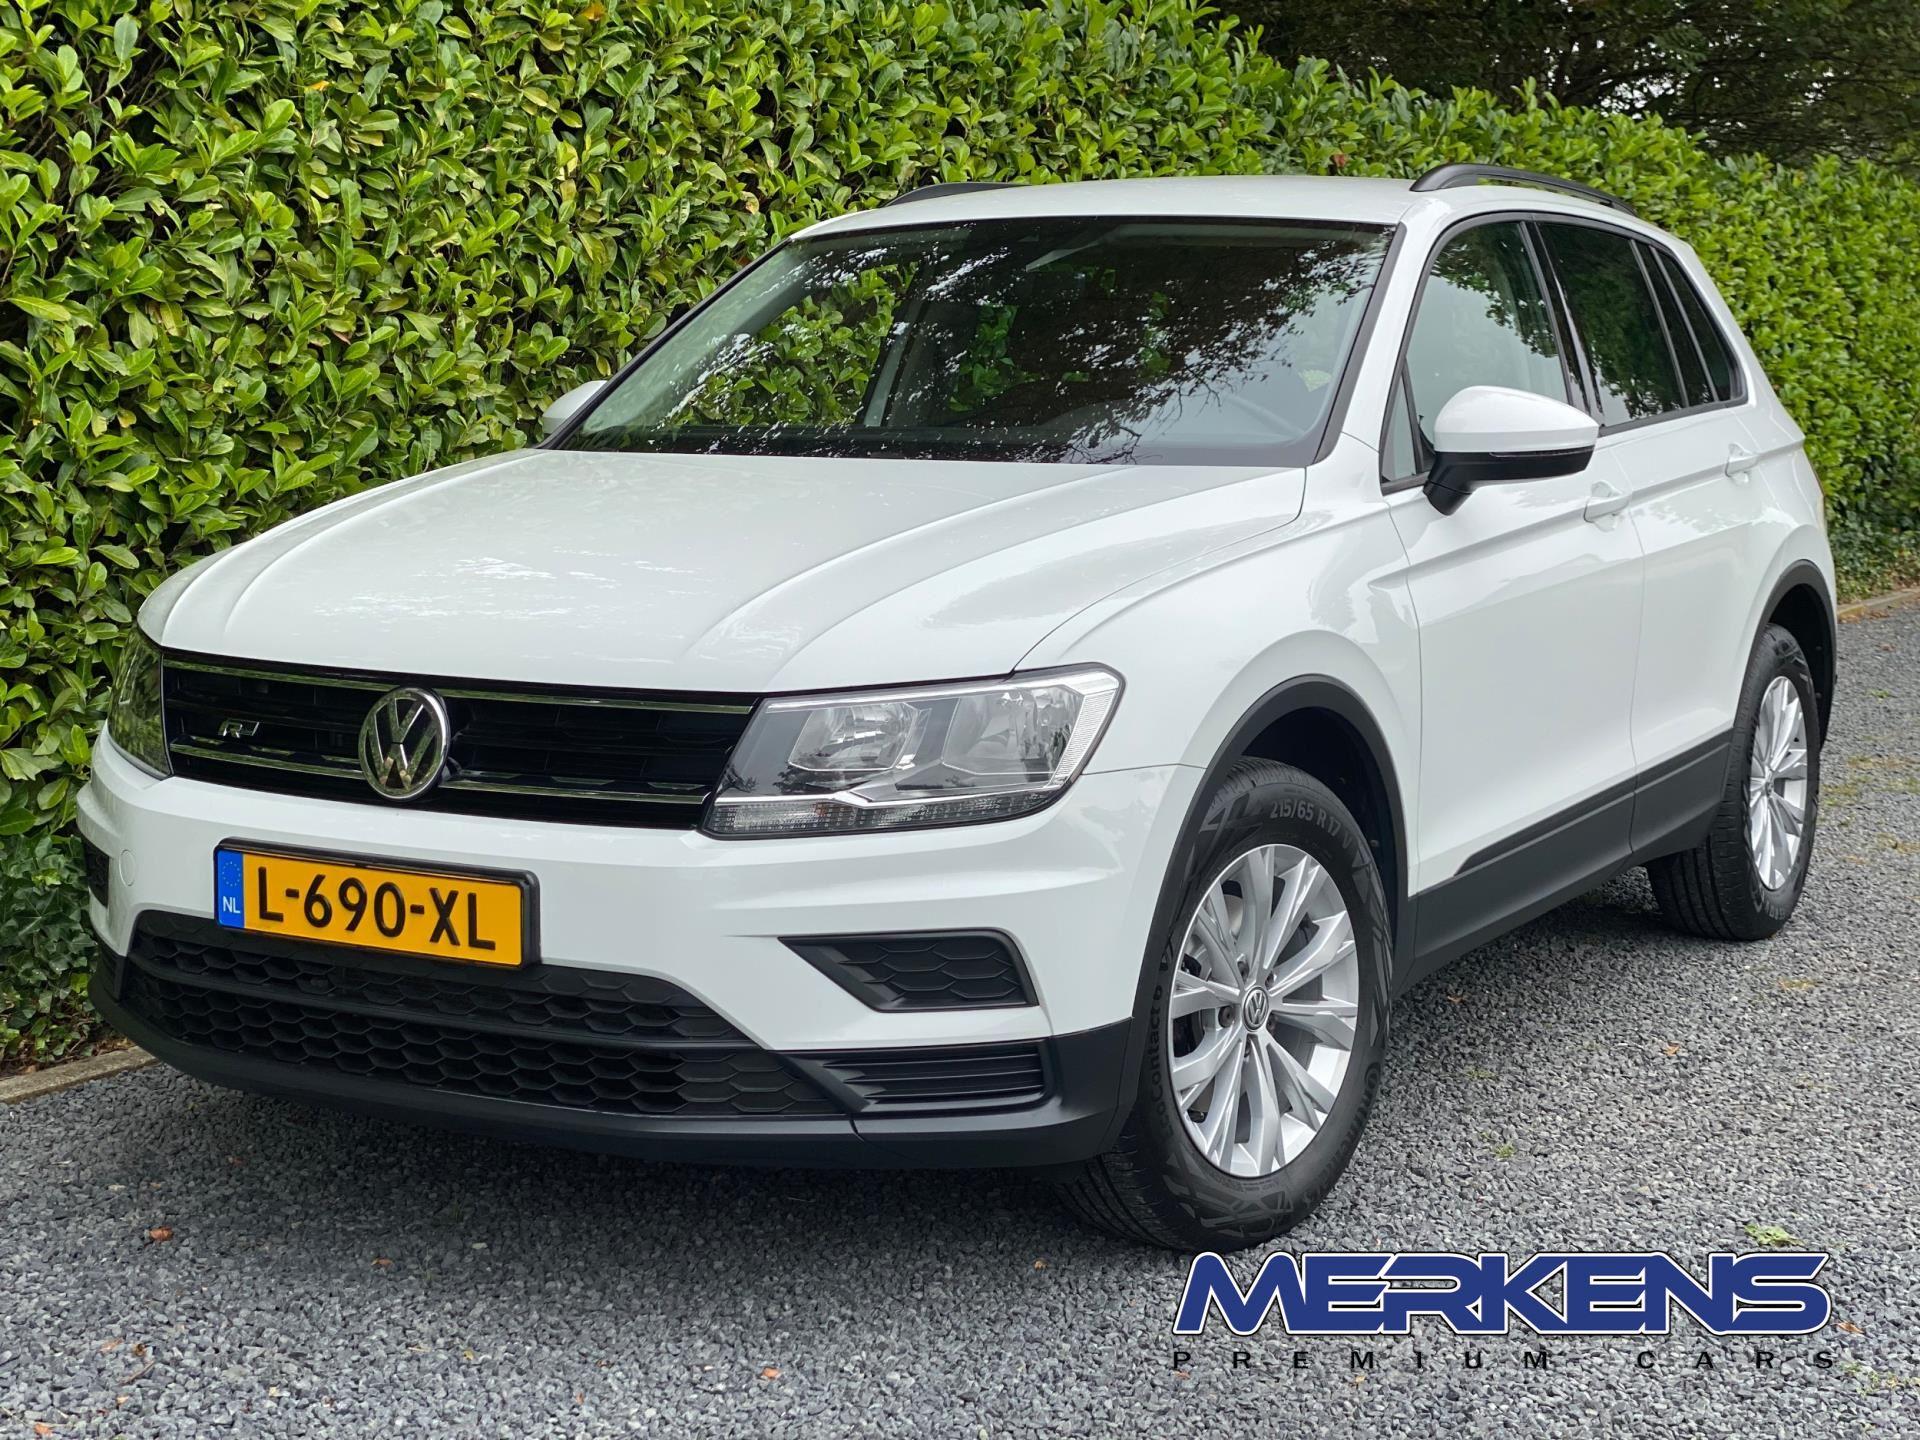 Volkswagen Tiguan occasion - Merkens Premium Cars